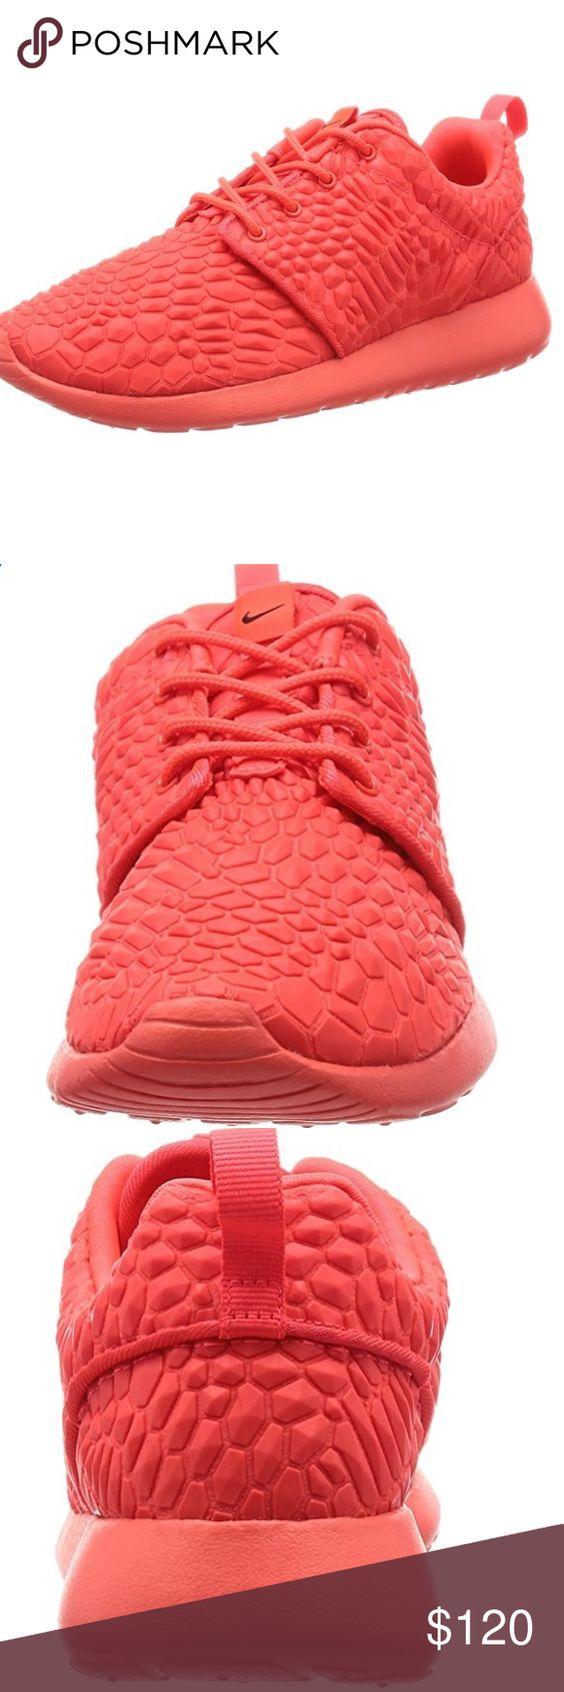 Nike roshe one dmb red womens - Nwt Nike Roshe One Dmb Running Shoes In Crimson Nike Womens W Roshe One Dmb